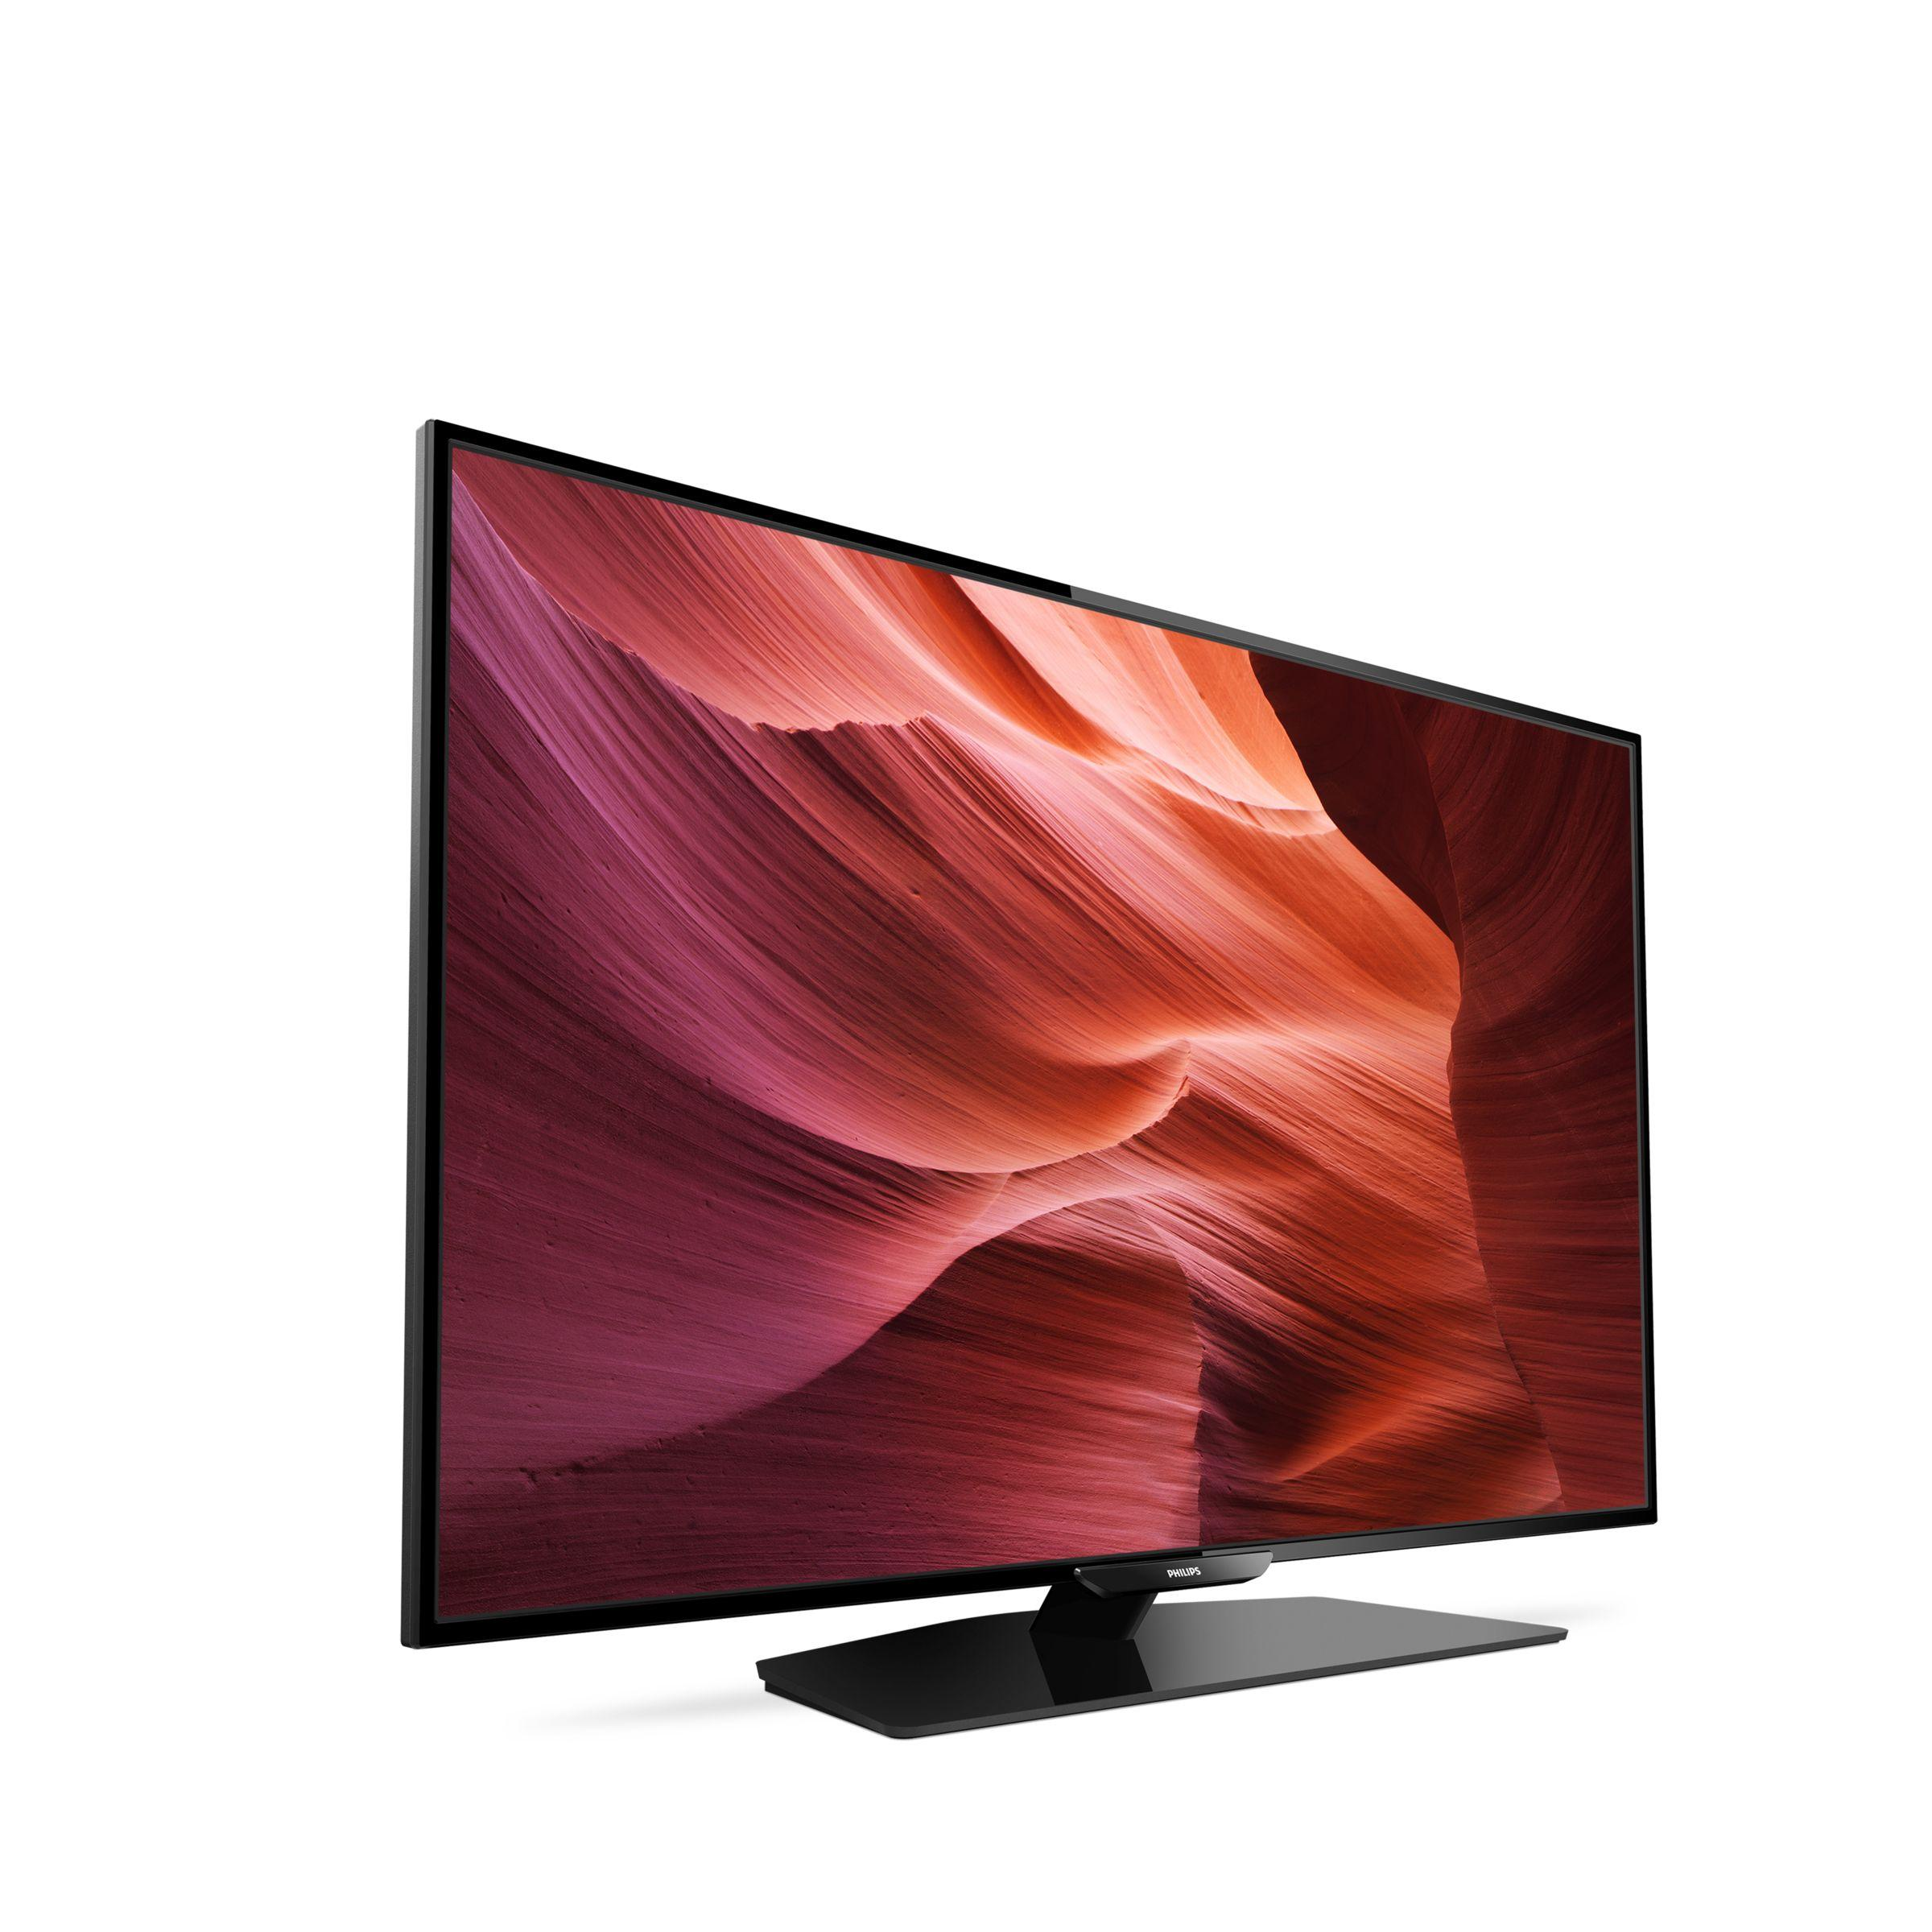 Smart TV LED Full HD 102 cm PHILIPS 40PFK5300